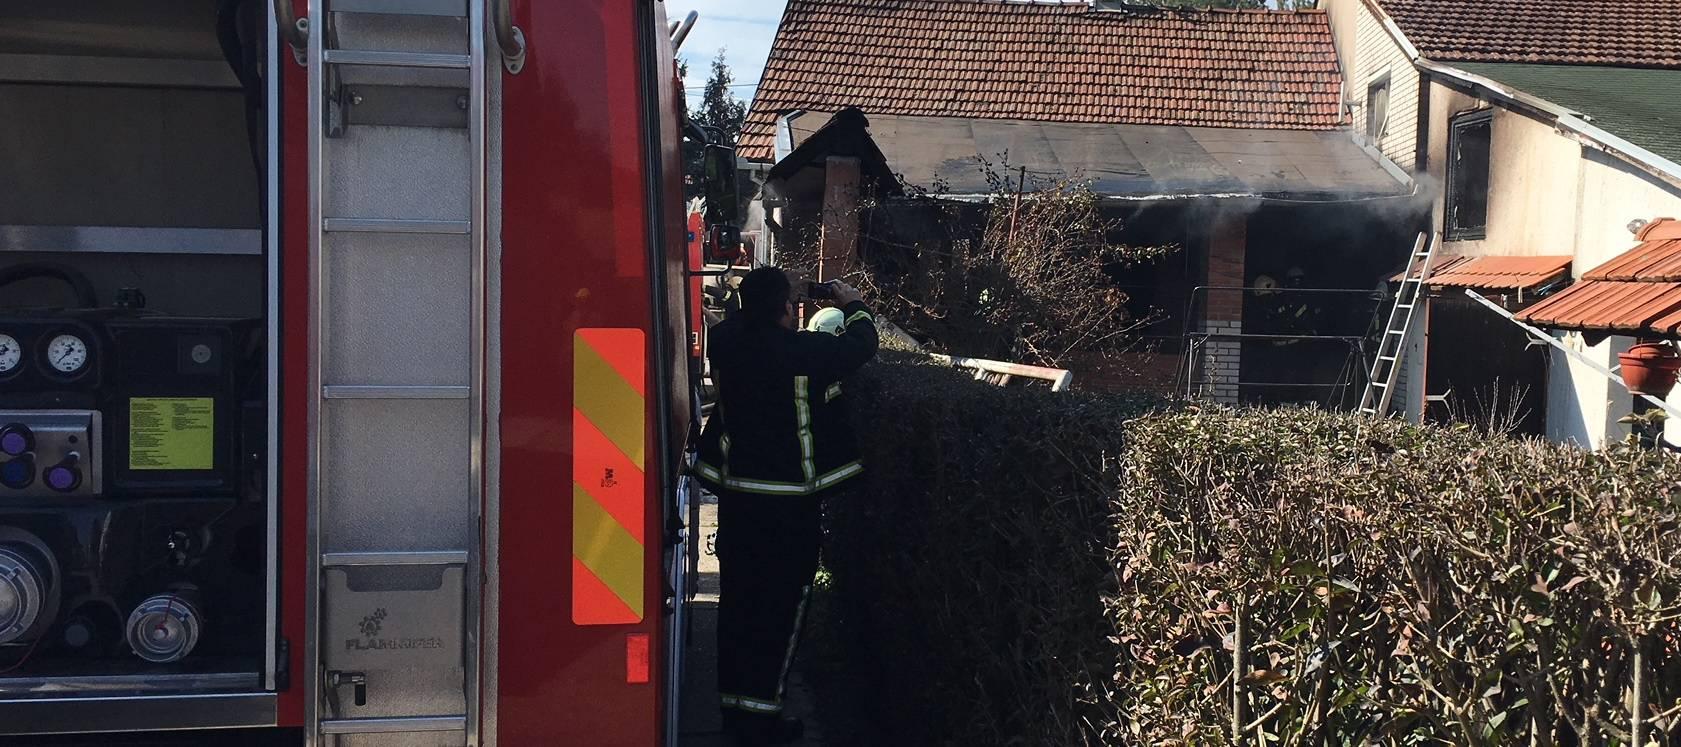 Izbio požar na kući u Osijeku: Vatrogasce je nazvao - poštar